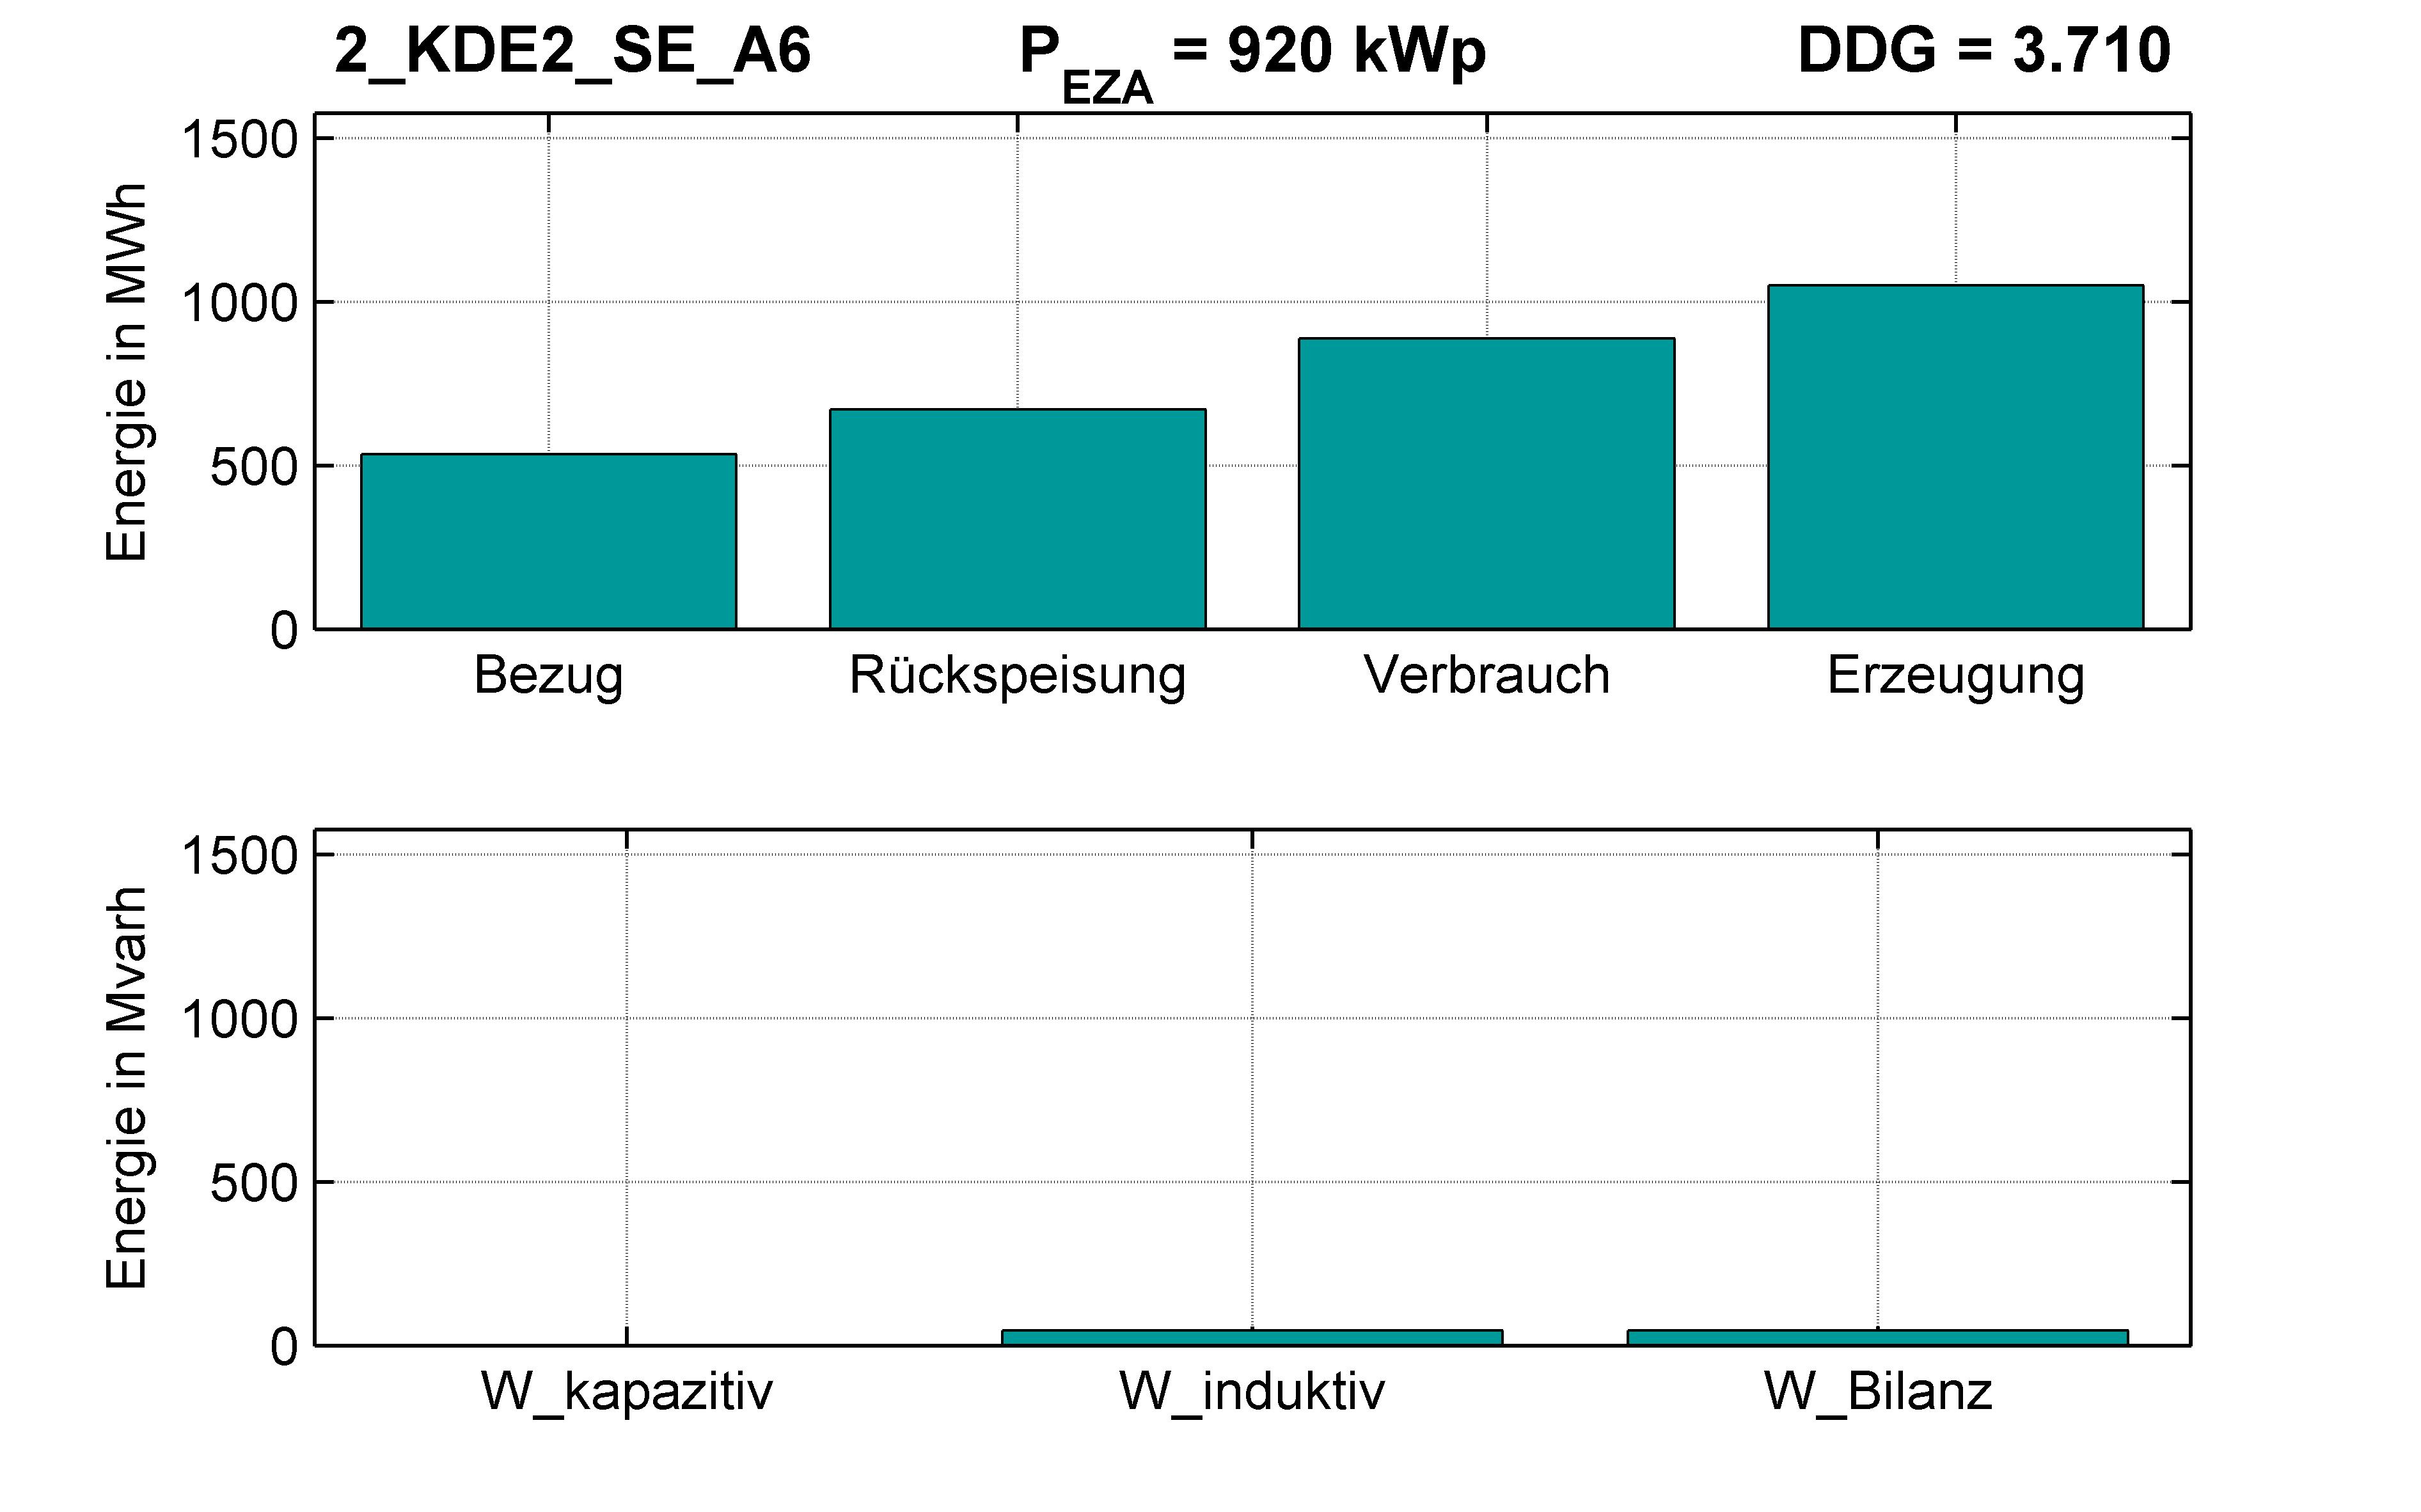 KDE2 | P-Kappung 85% (SE) A6 | PQ-Bilanz